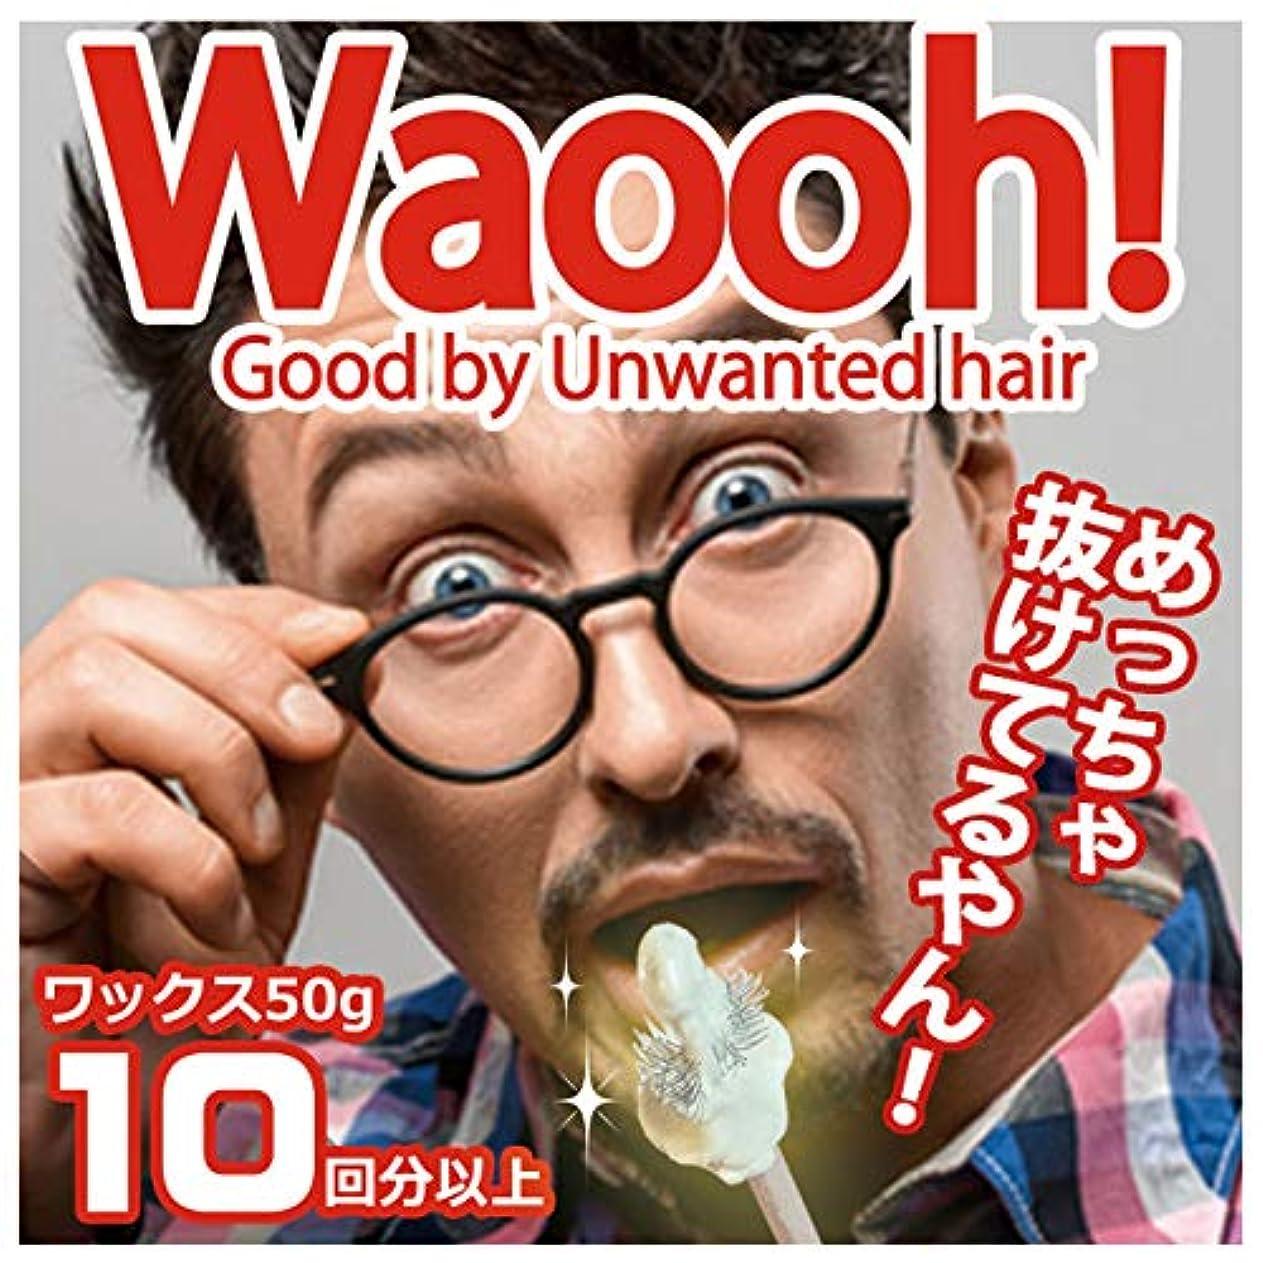 猟犬オーロック複製[Waooh]鼻毛 脱毛 ノーズワックス 鼻 ブラジリアン ワックス キット 男女兼用 (50g 10回分)